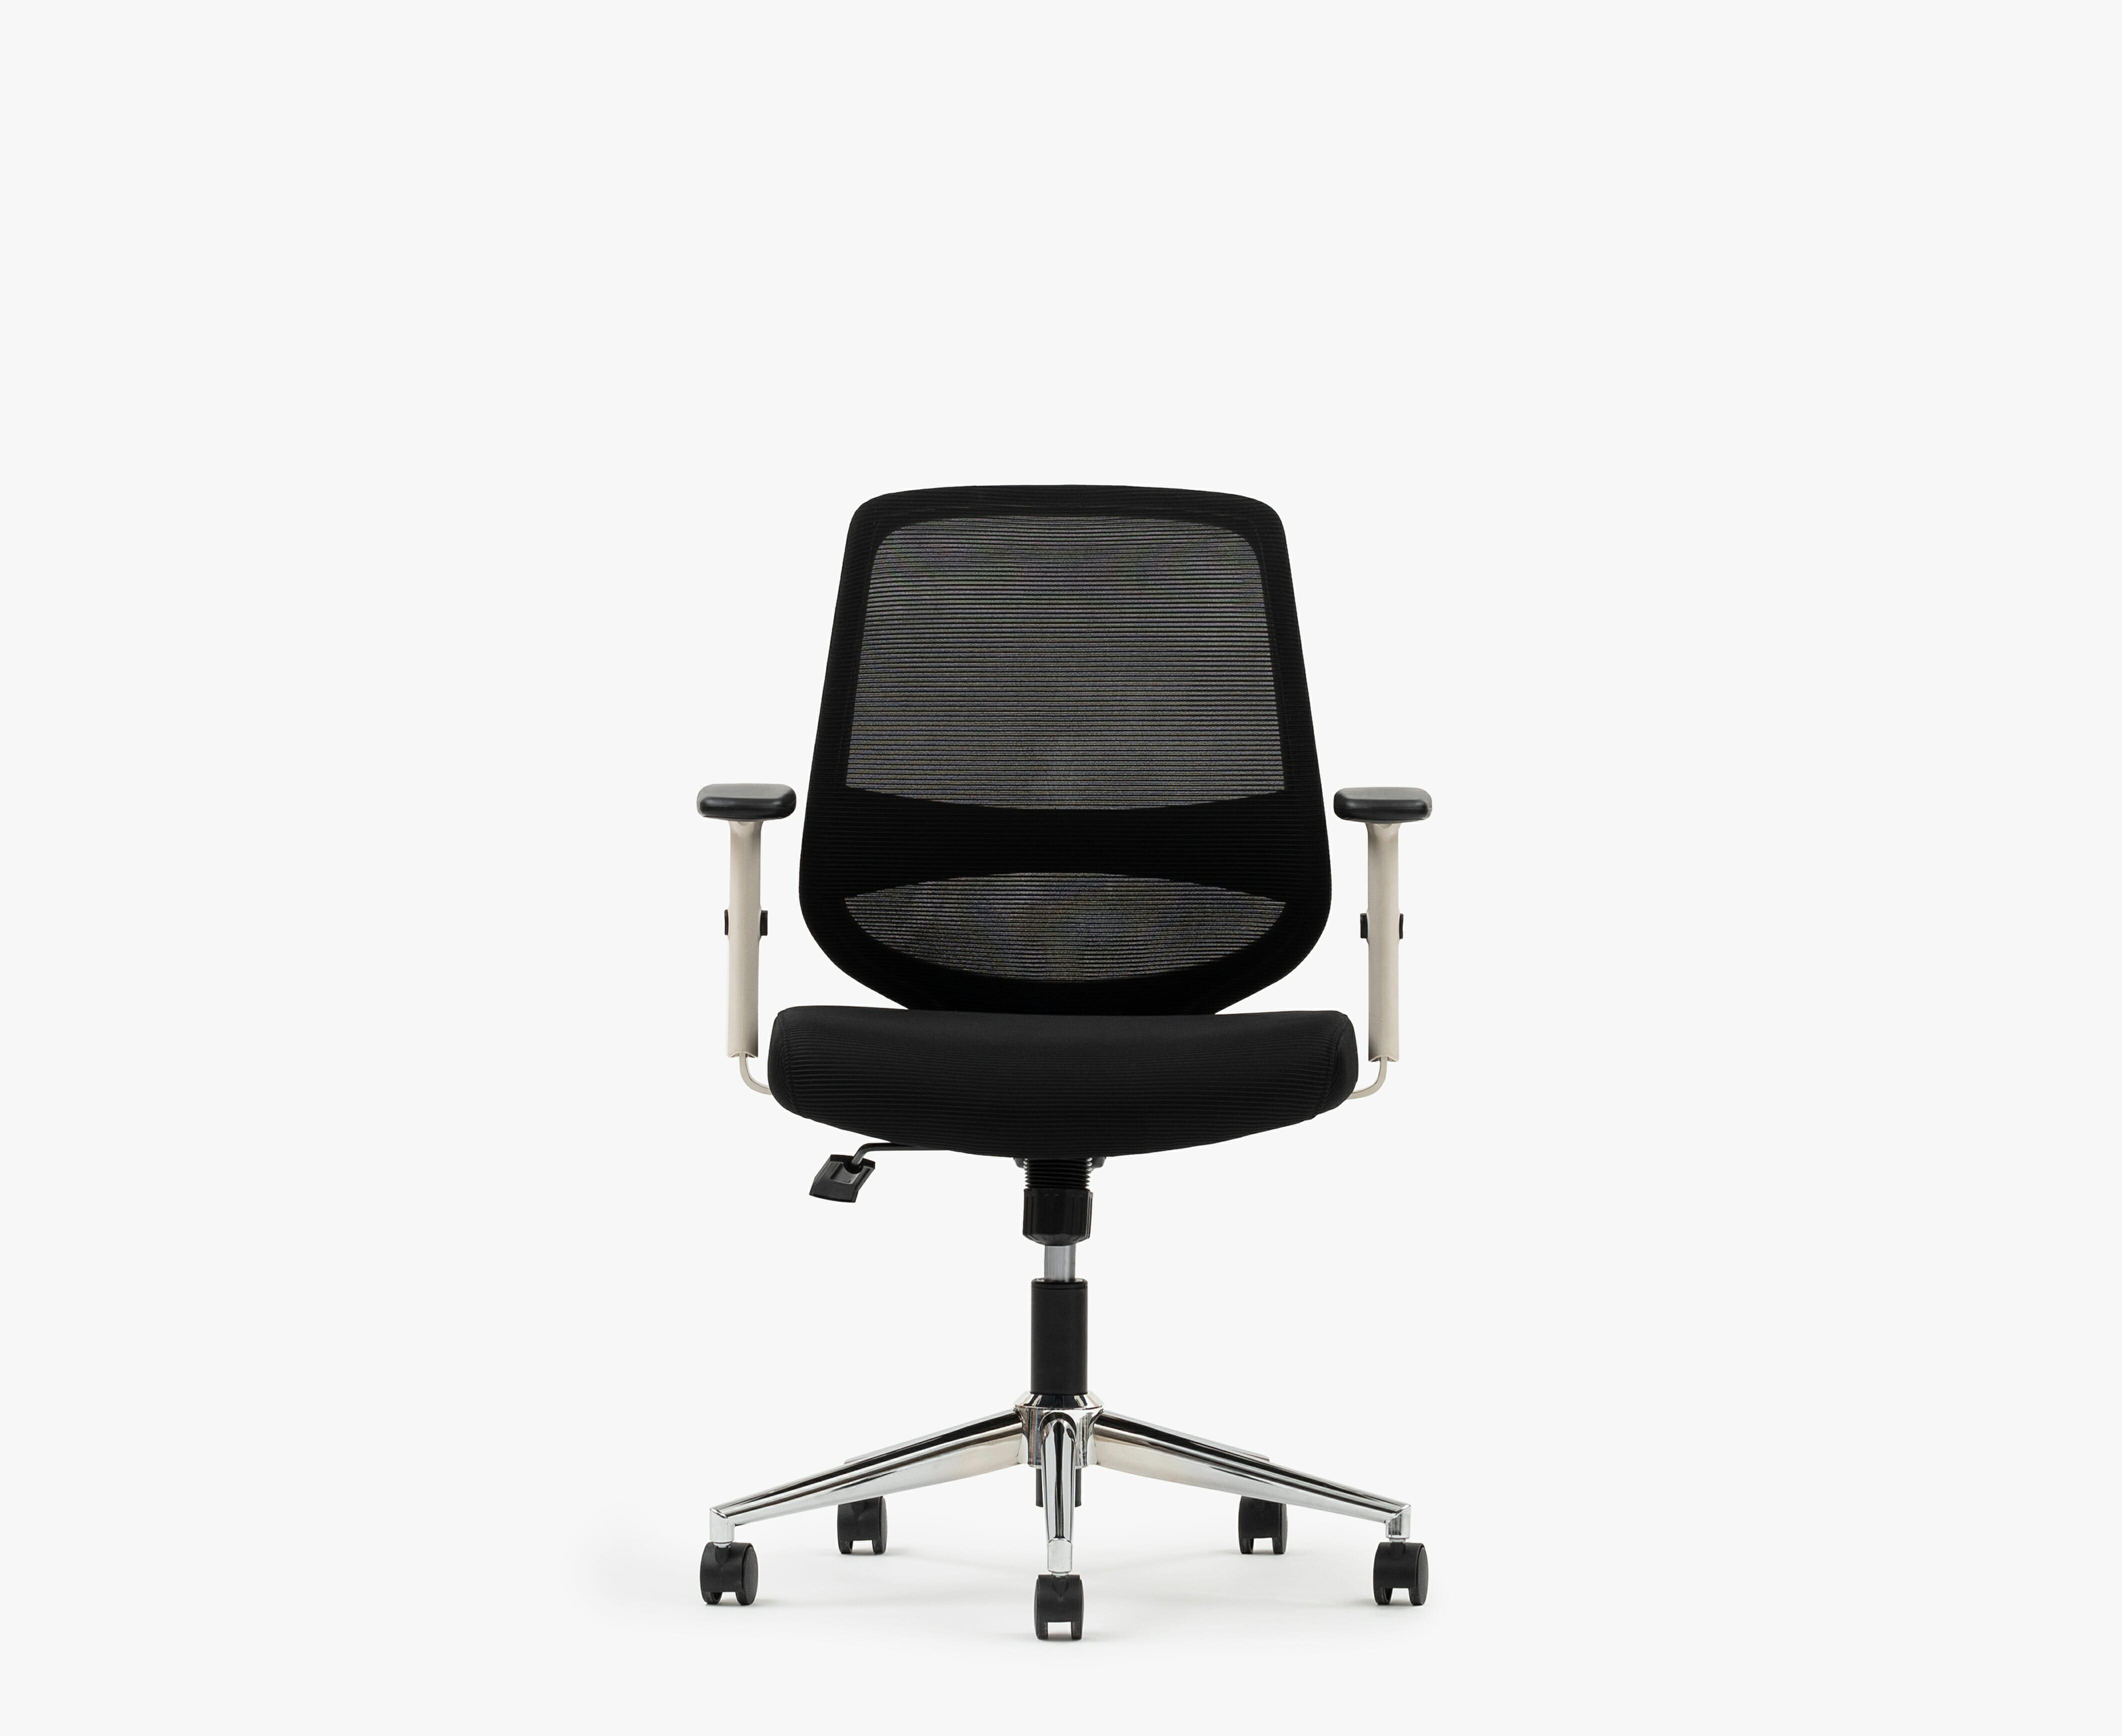 The Edison chair